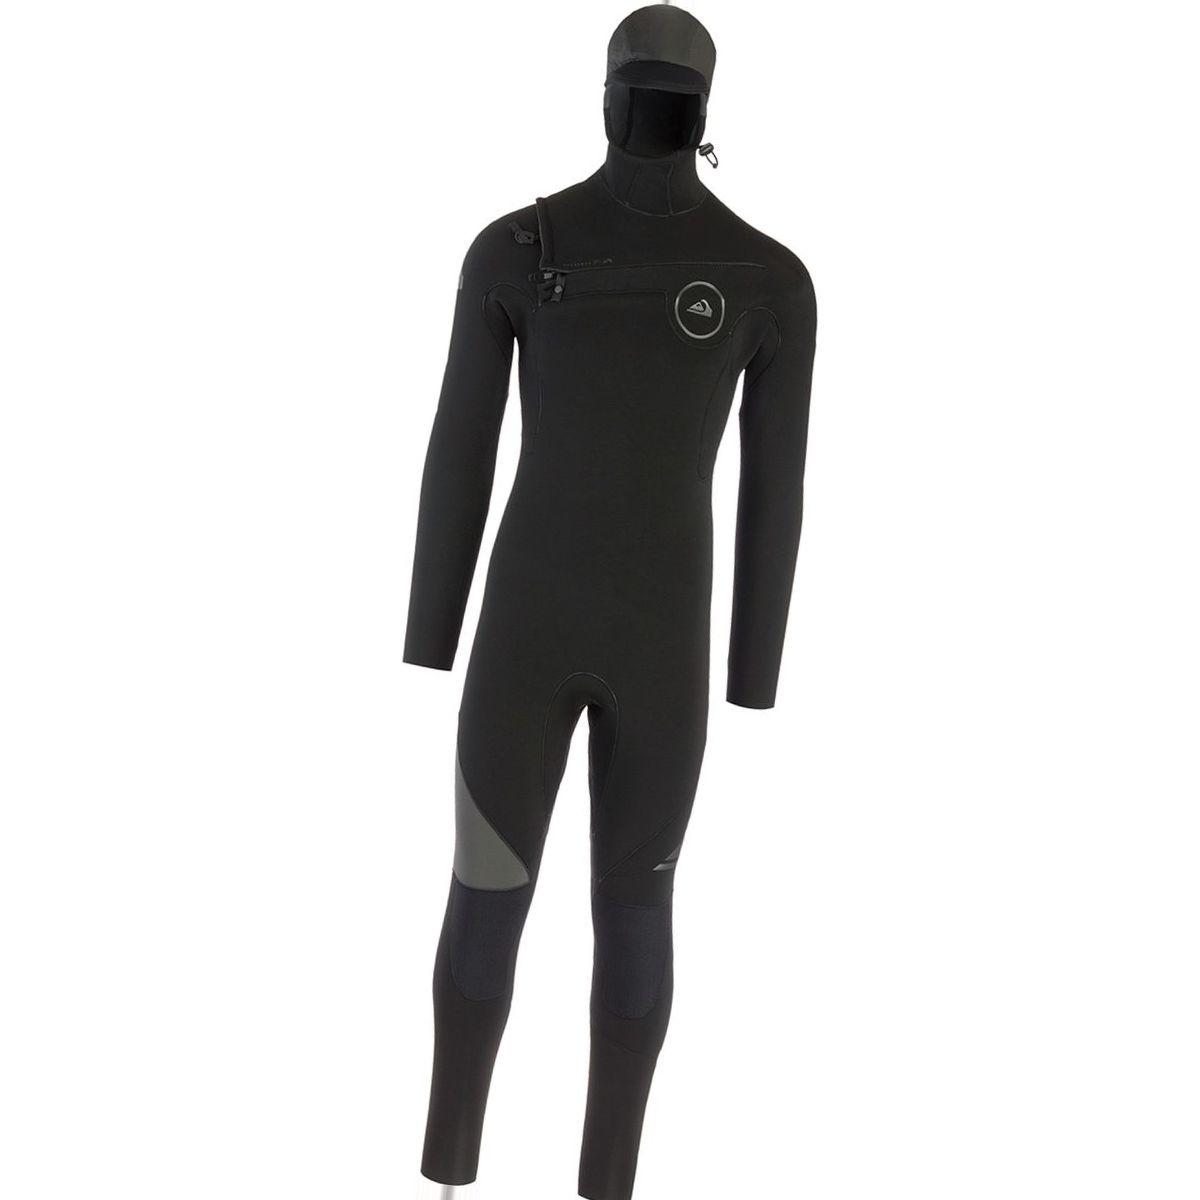 Quiksilver 5/4/3 Syncro Chest Zip GBS Hooded Wetsuit - Men's